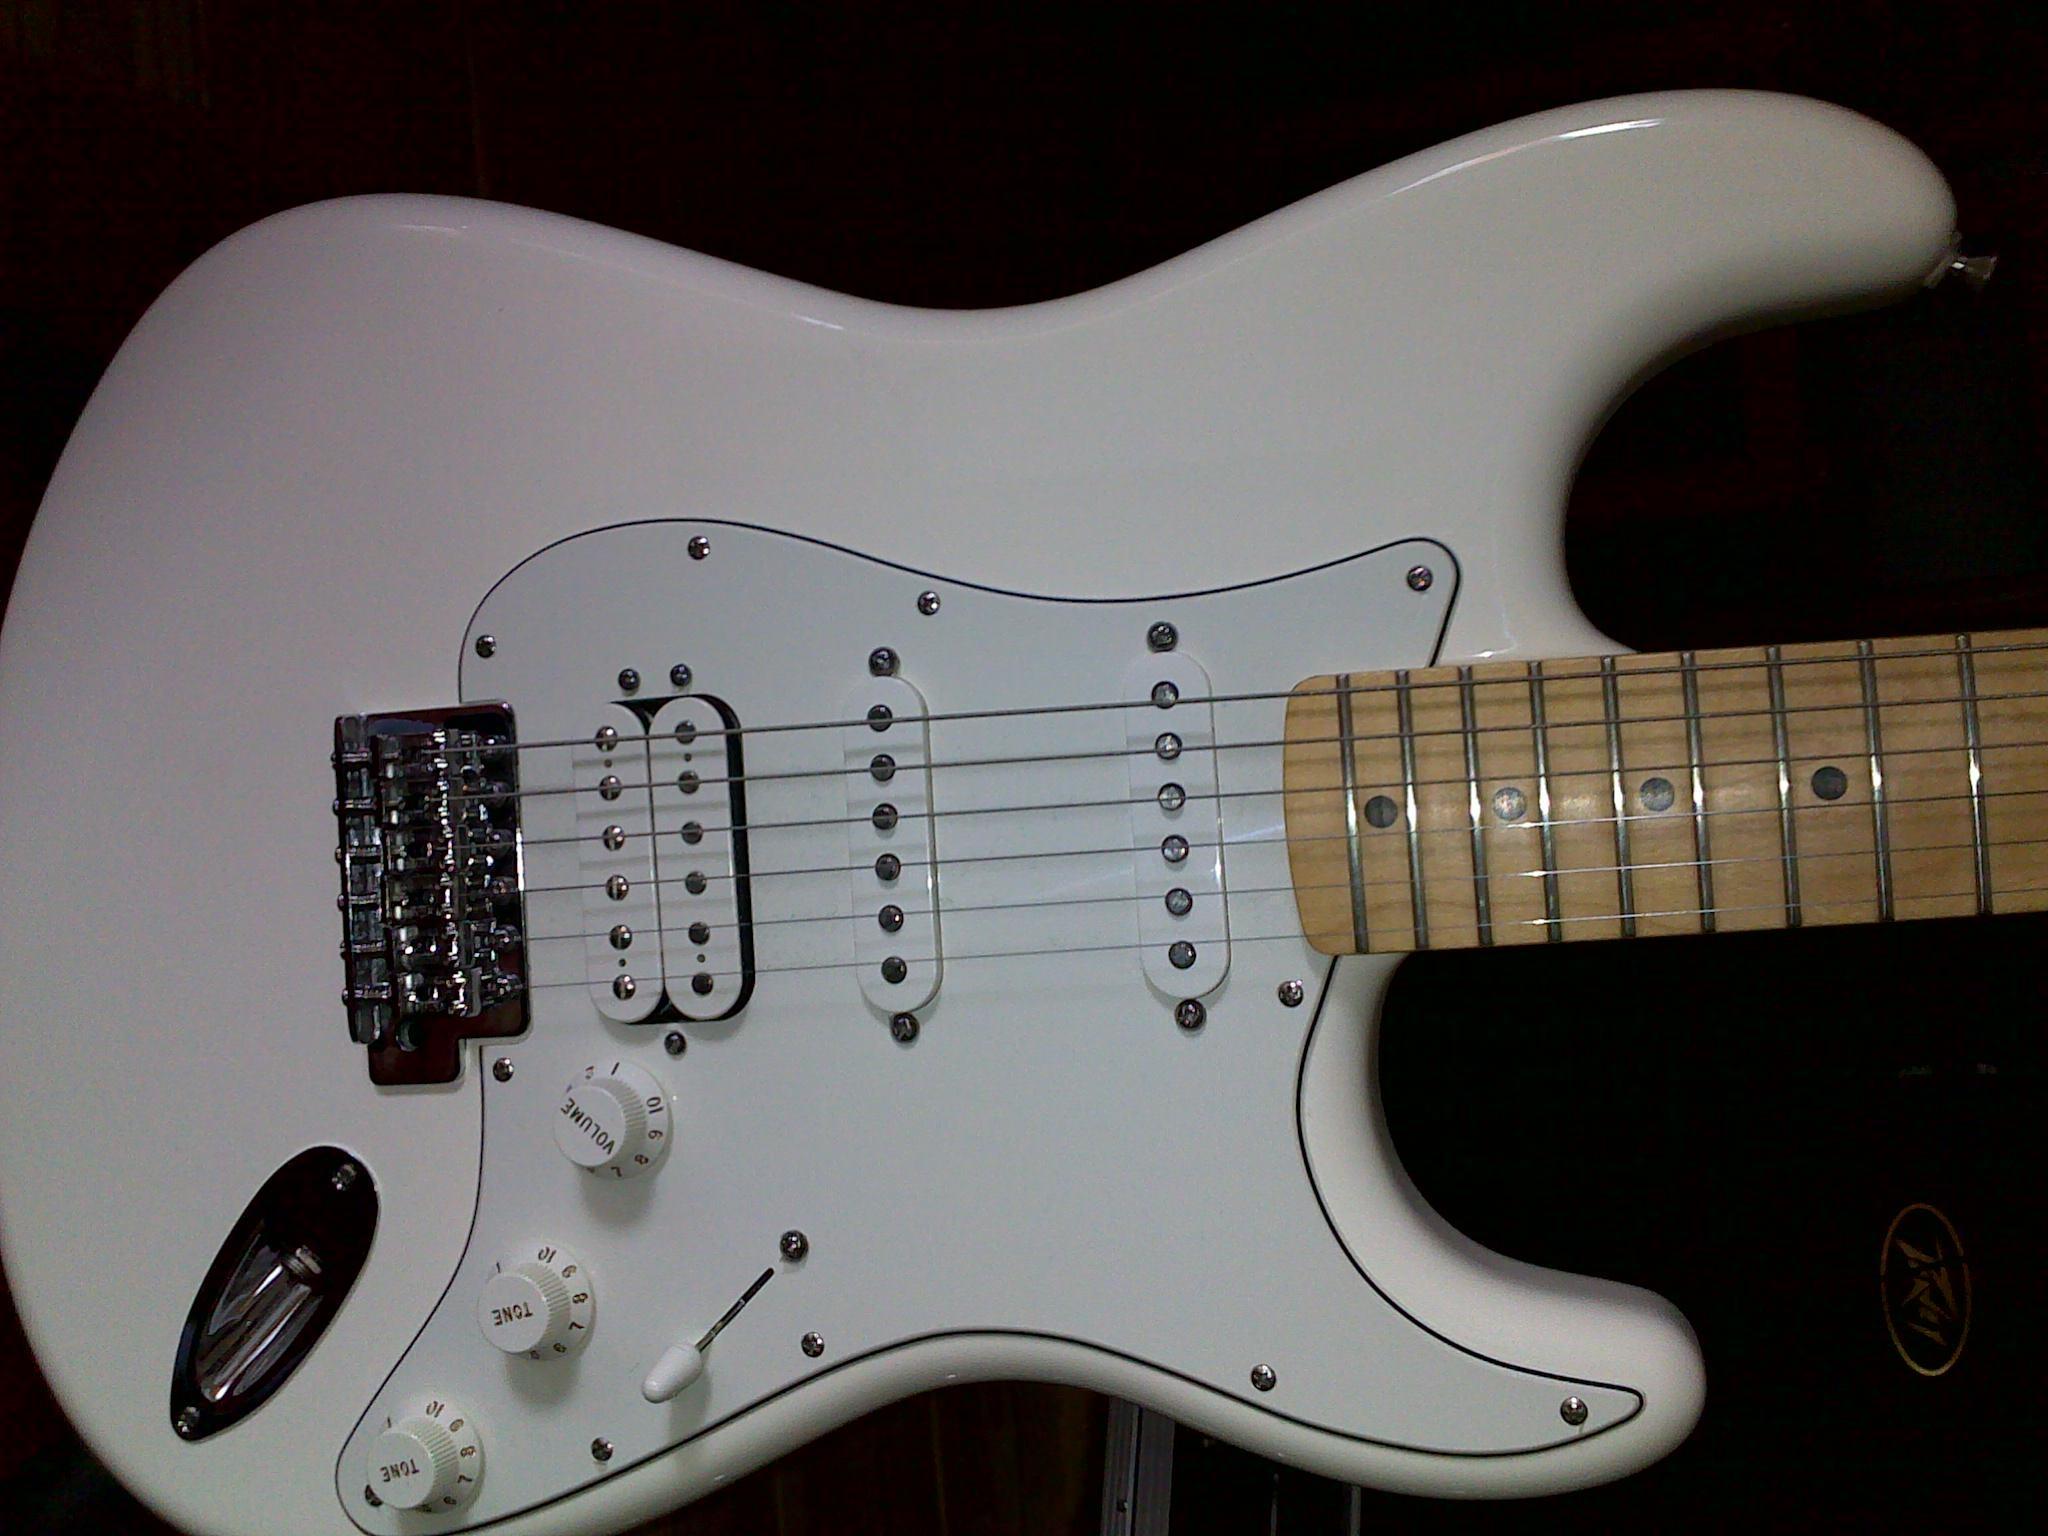 Fender Standard Stratocaster [1990-2005] yann4140 images